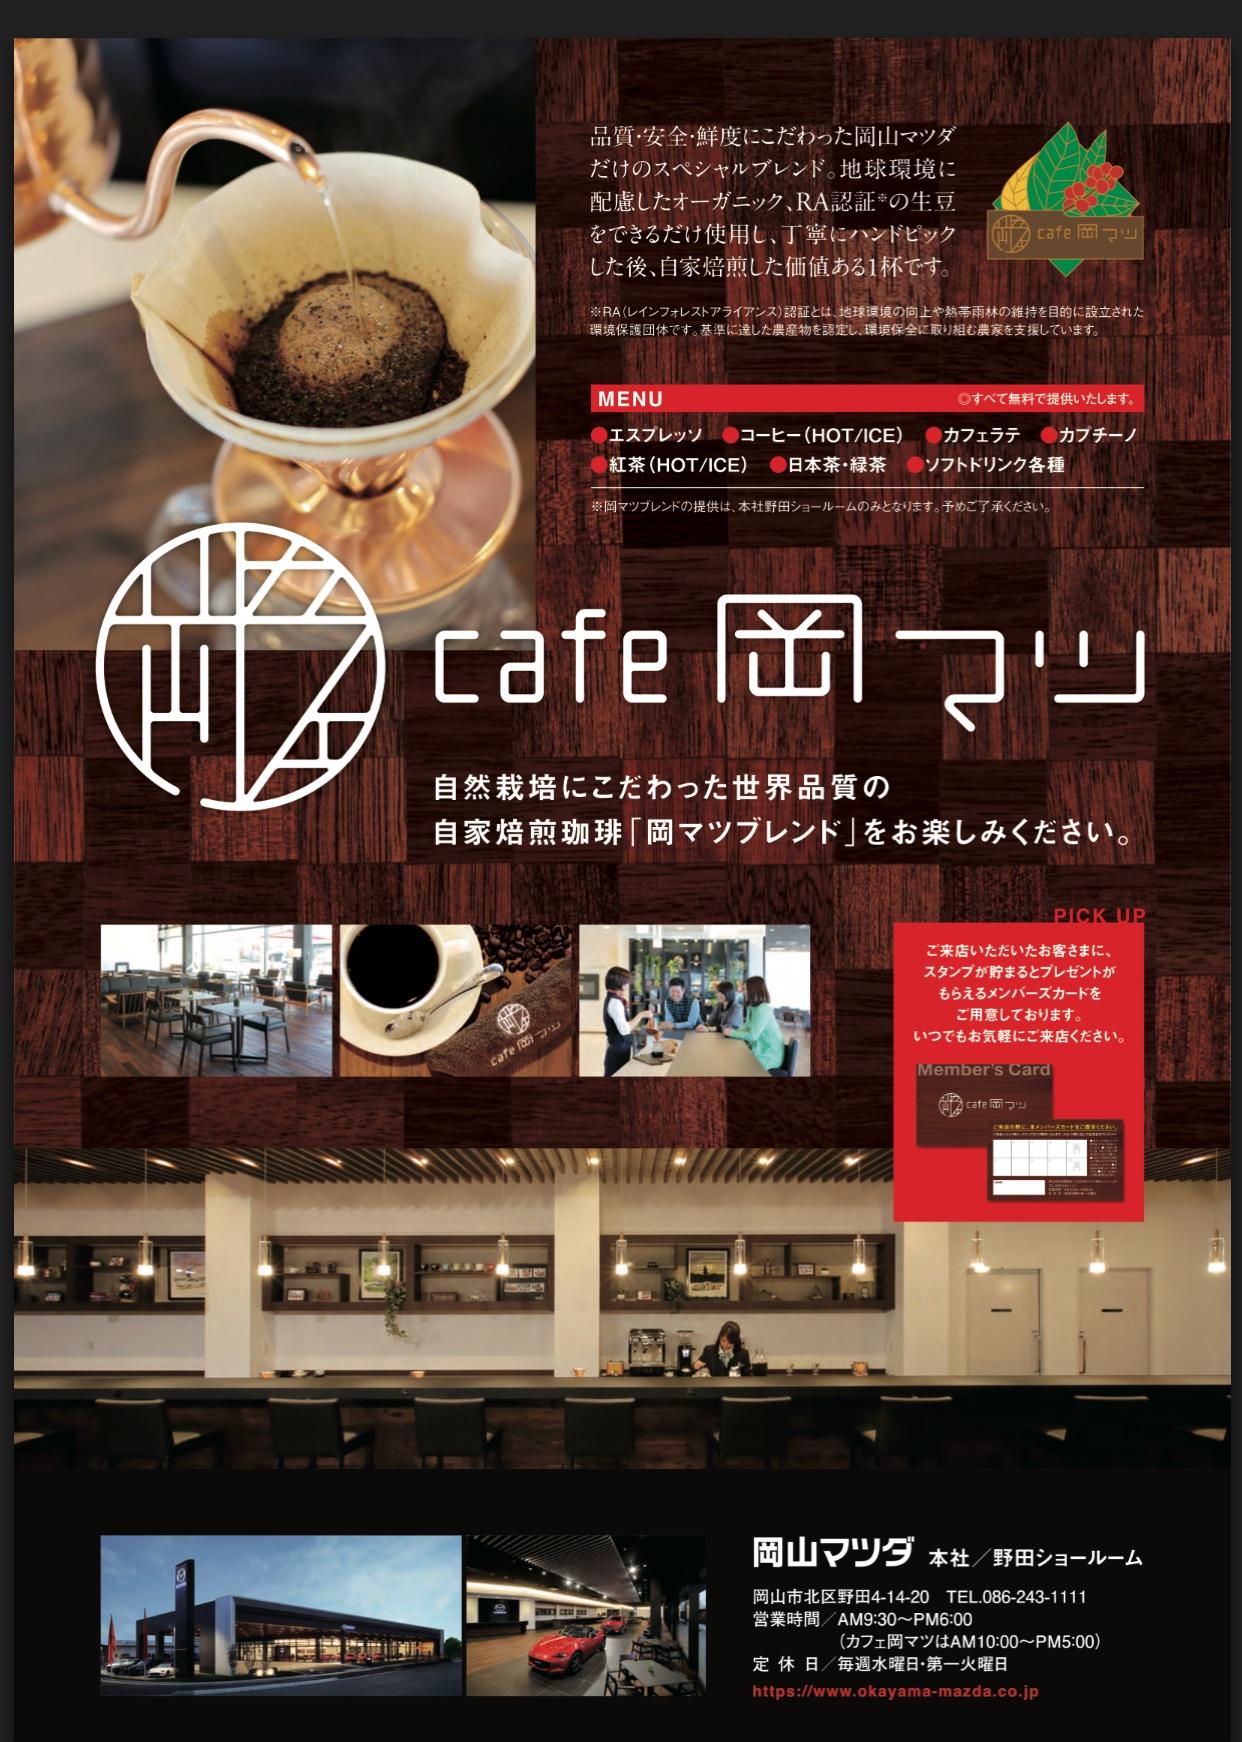 cafe岡山マツ様にてバルーンフラワー教室を開催します!